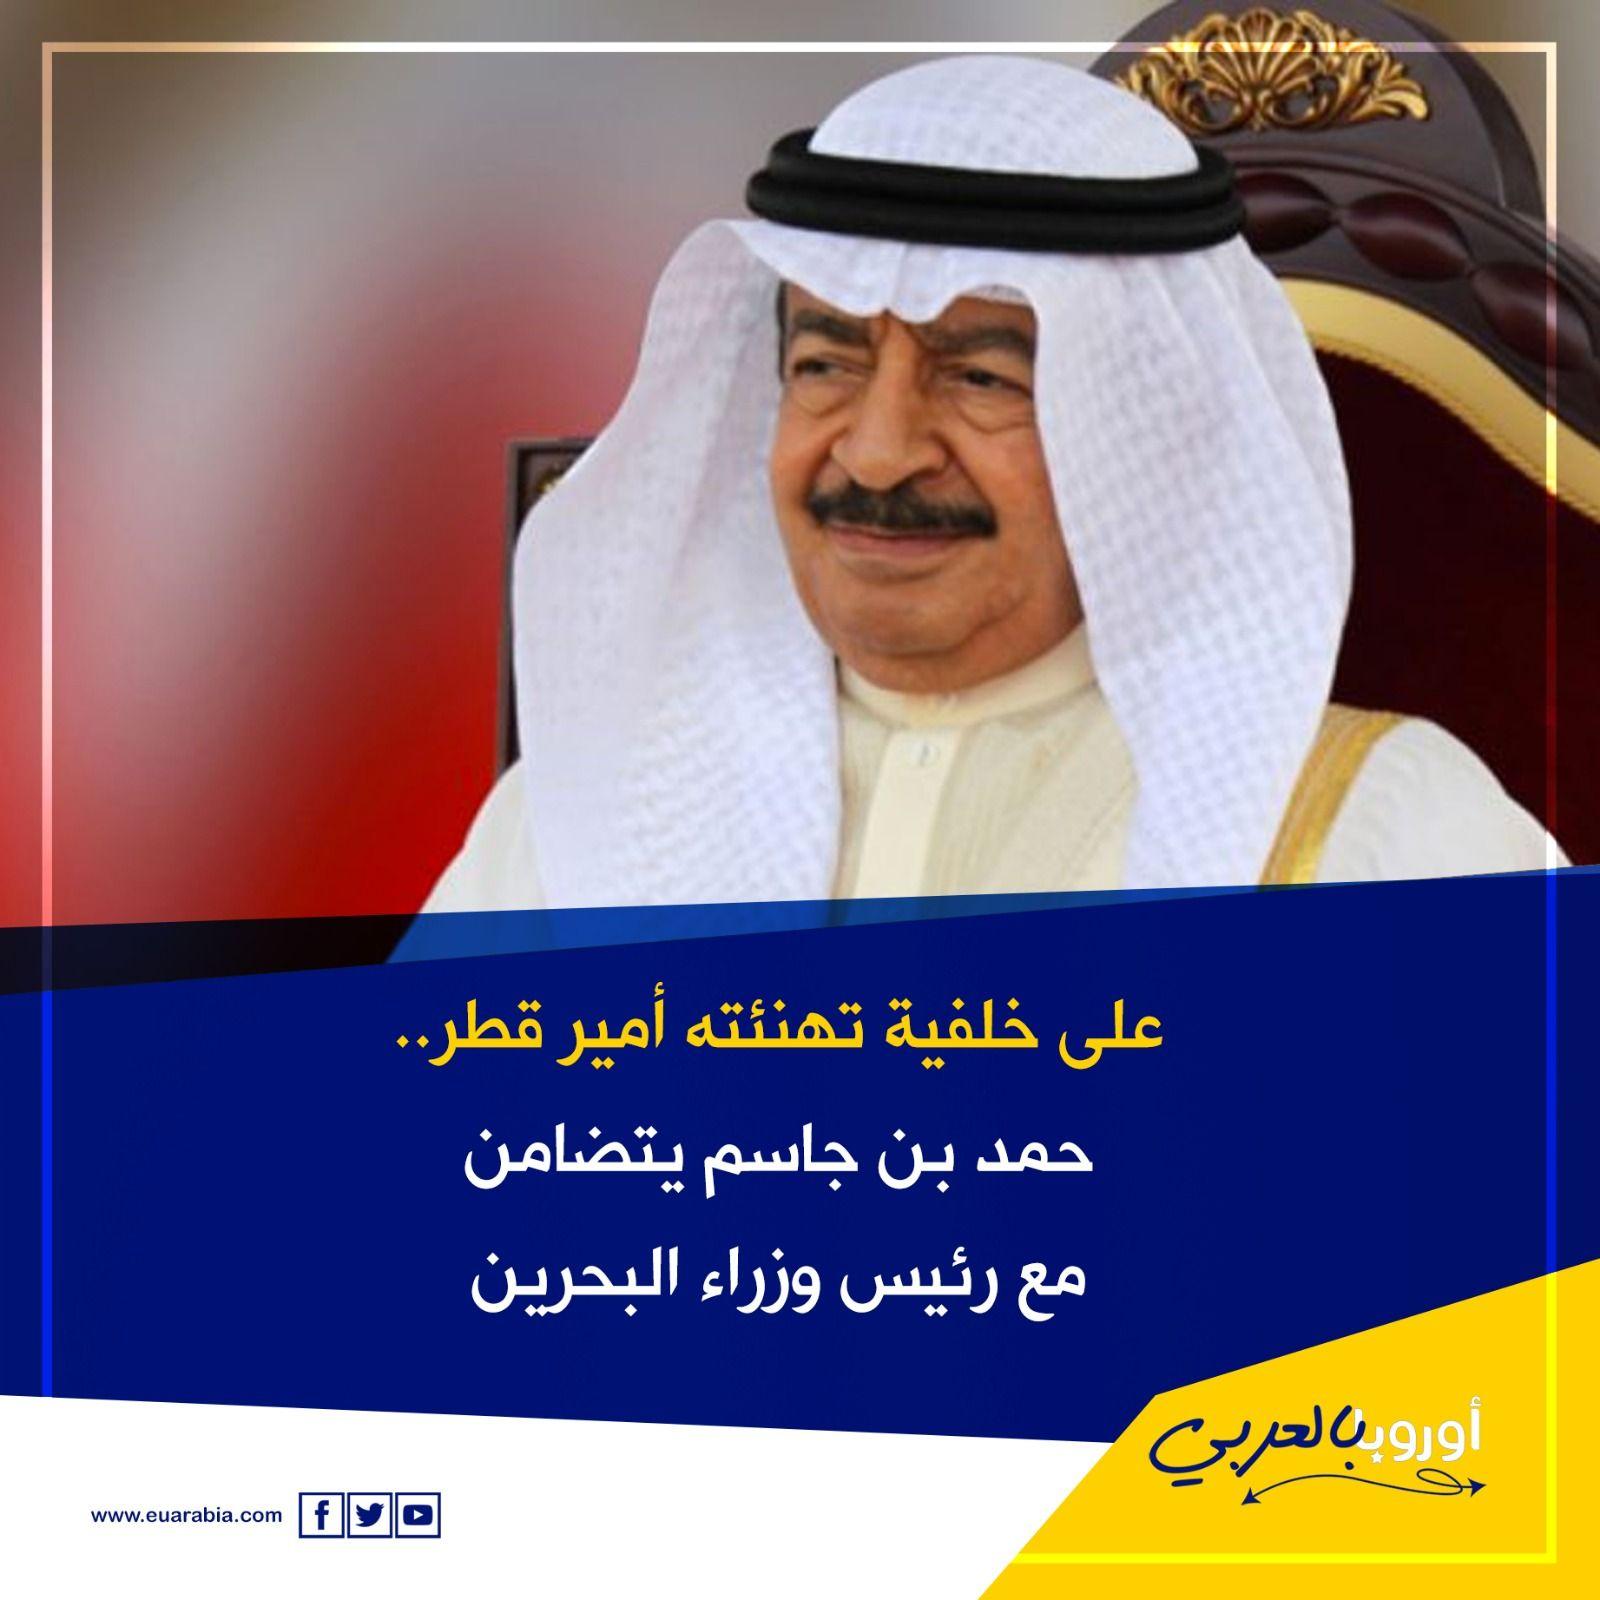 على خلفية تهنئته أمير قطر حمد بن جاسم يتضامن مع رئيس وزراء البحرين Pandora Screenshot